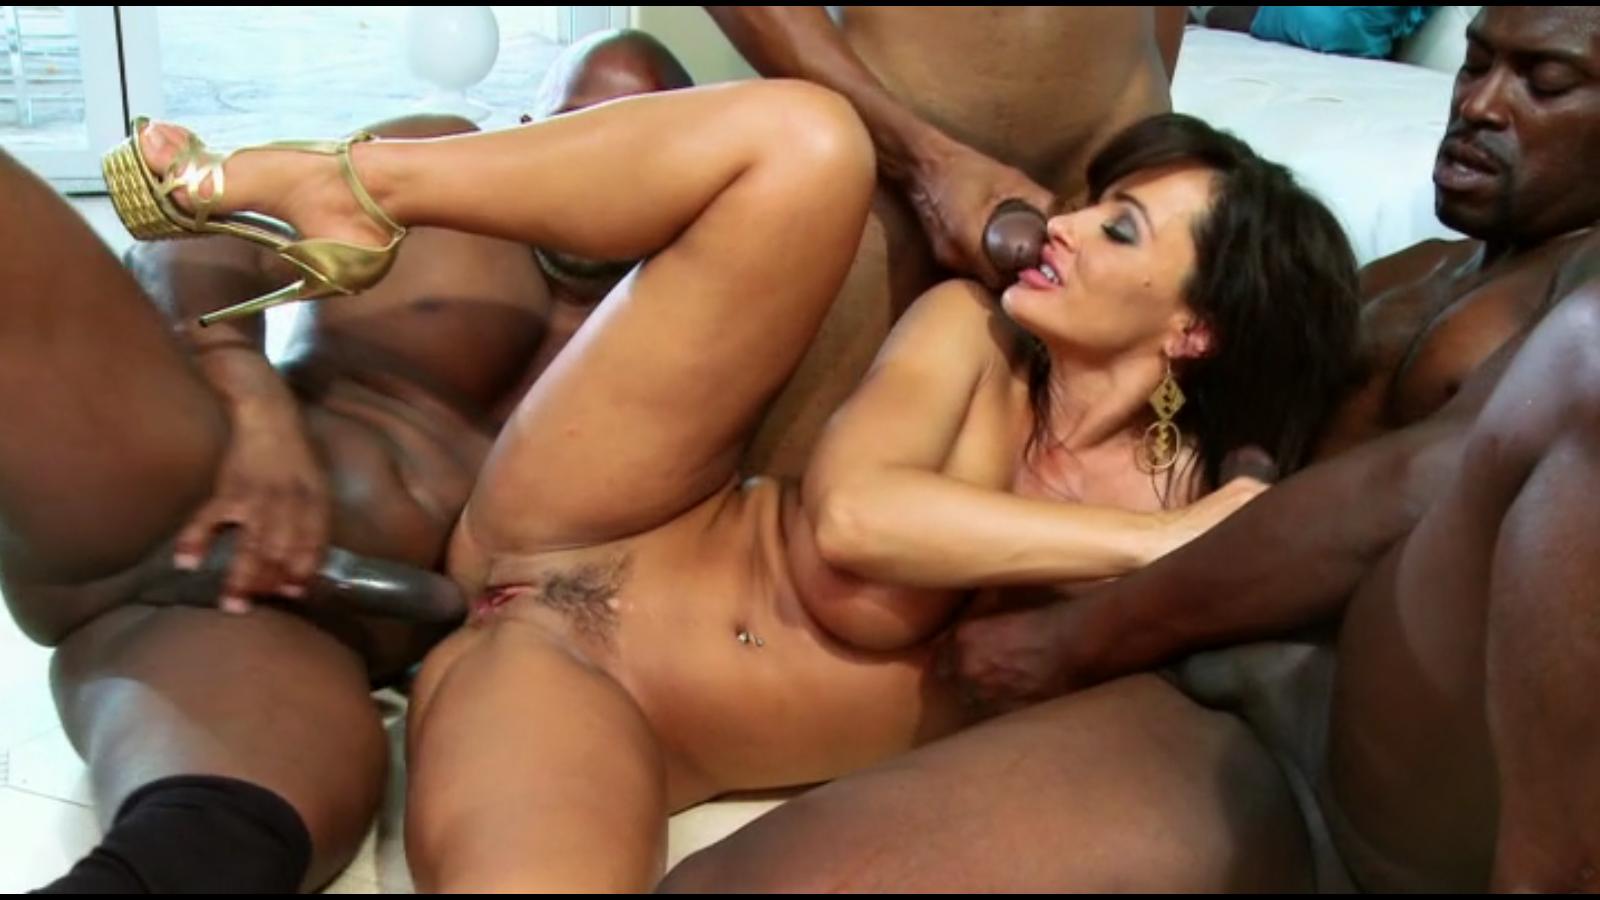 анальный секс полное видео бесплатно